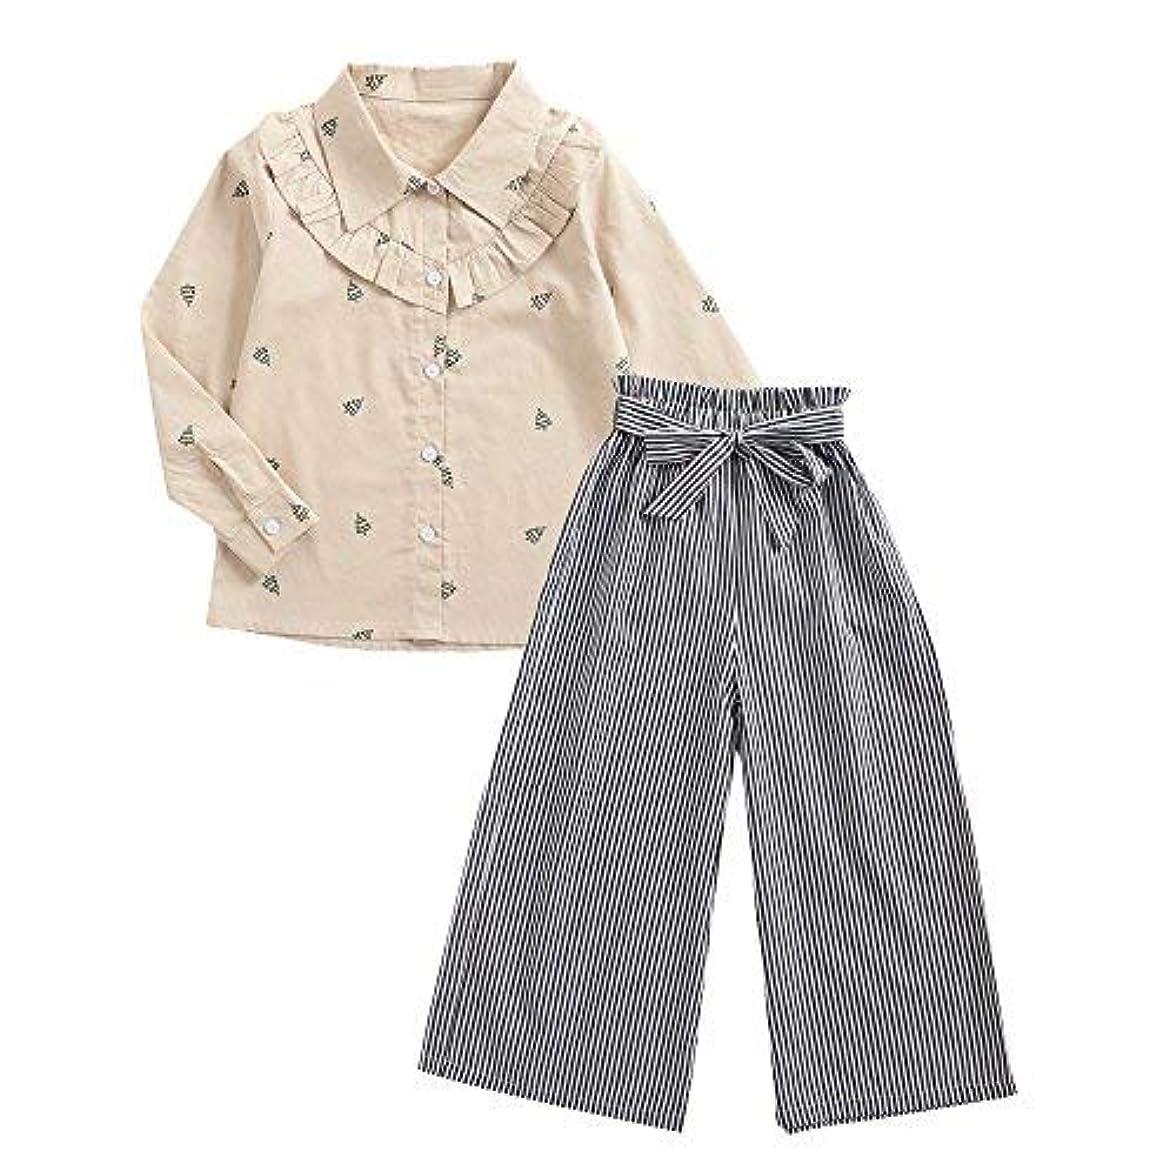 リビジョン猟犬ファンネルウェブスパイダーqighaima ラッフル 女の子 セット ファッション ストライプ パンツ+トップ バンドル 柔らかい コスチューム Tシャツ+パンツ3-4歳/ 110cm KTW7146-KPW7150